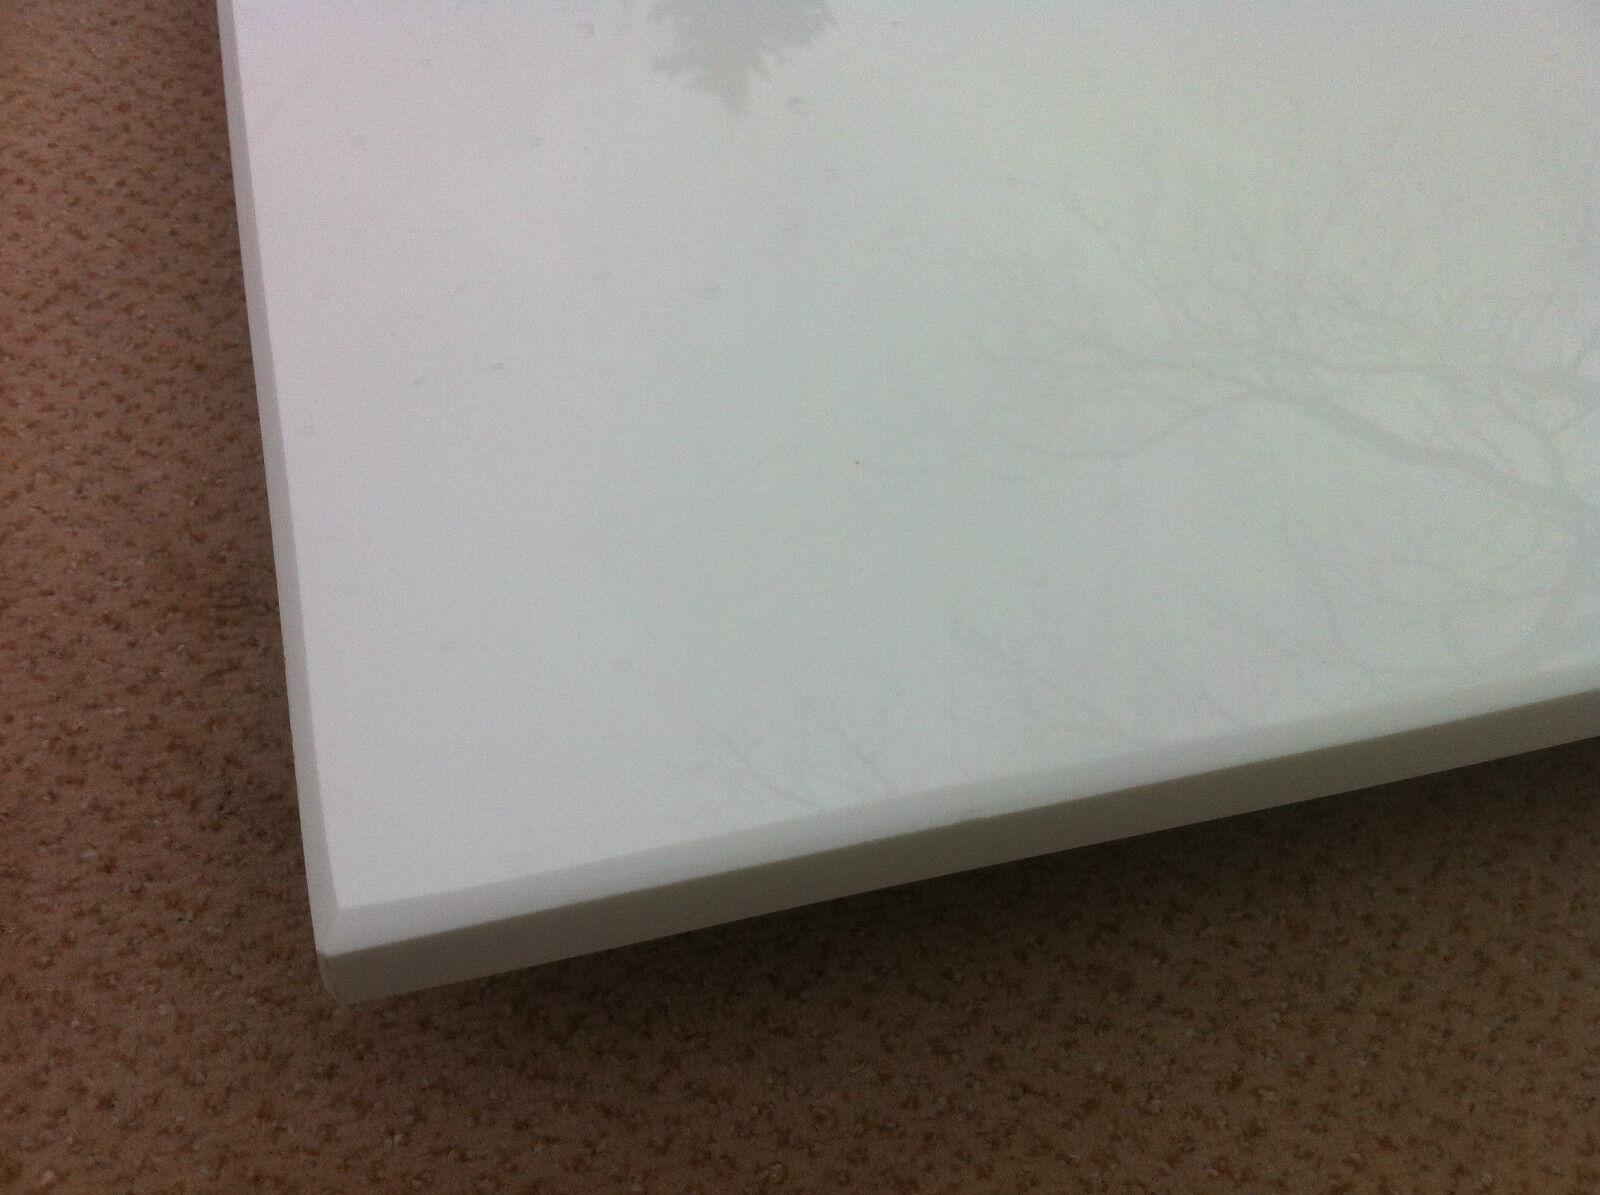 Tischplatte marmorplatte couchtischplatte esstischplatte for Naturstein tisch